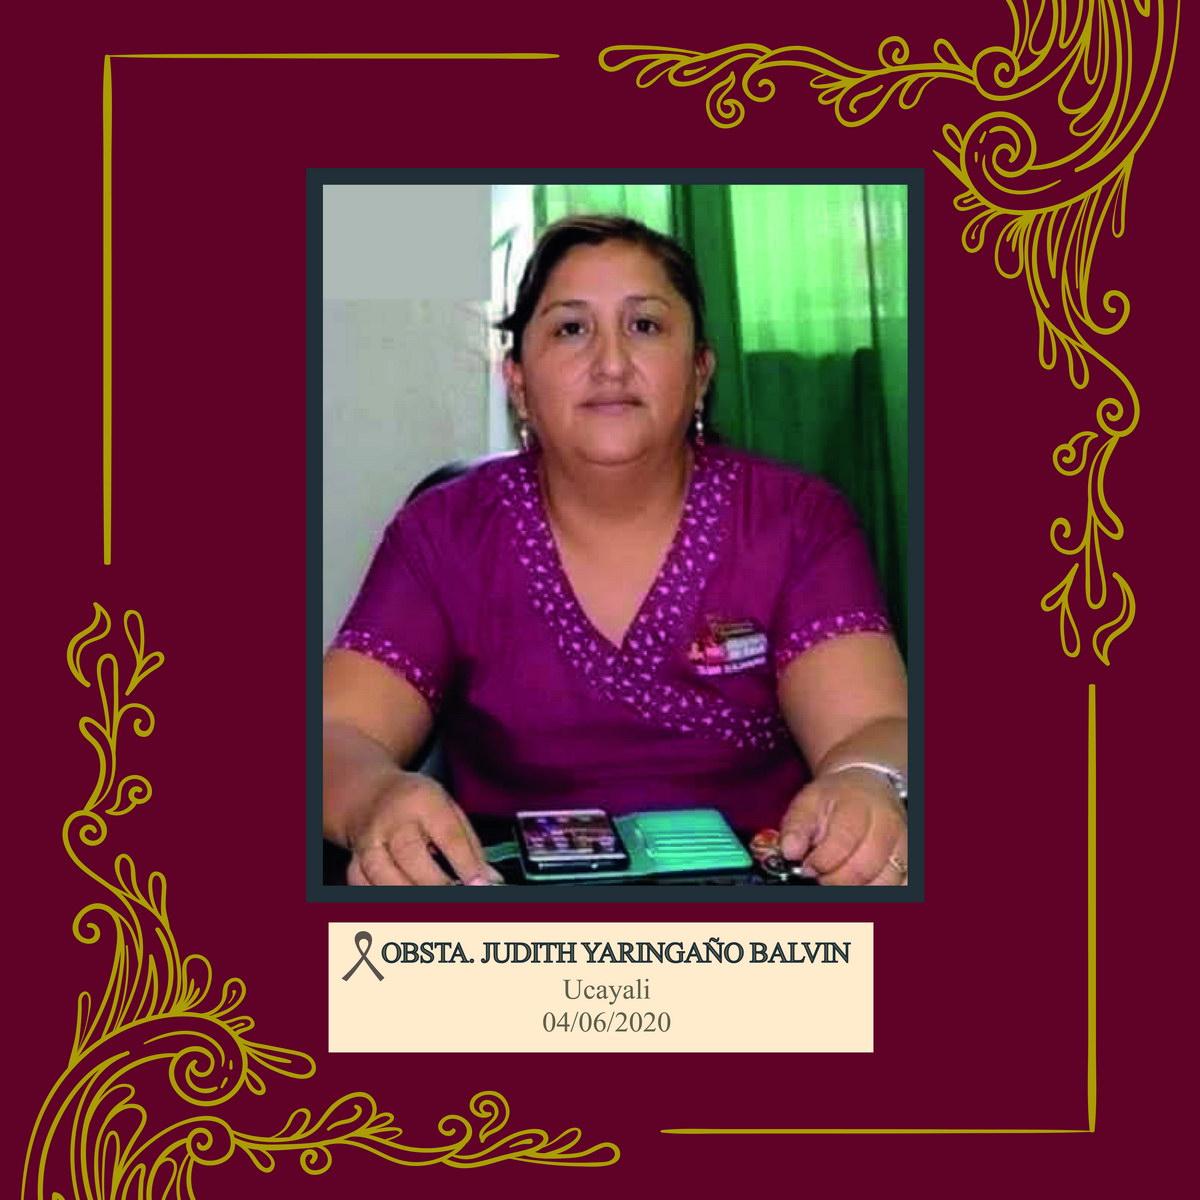 Judith Yaringaño Balvin